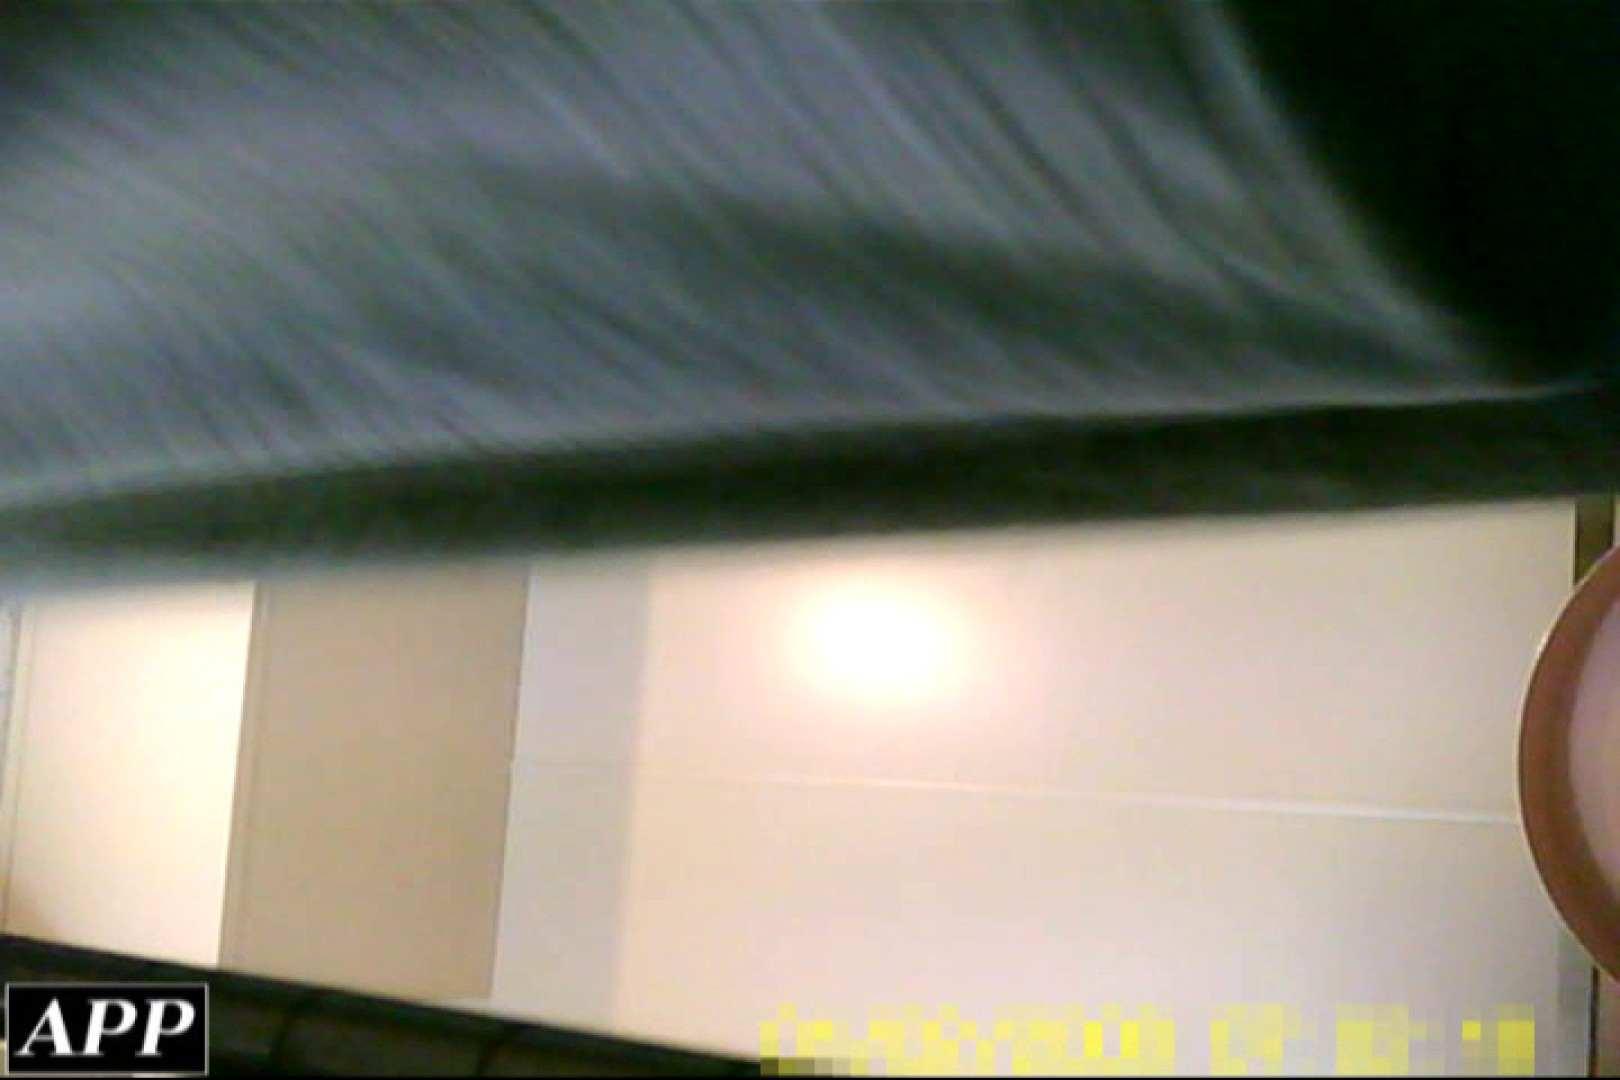 3視点洗面所 vol.095 洗面所 | OLの実態  21pic 3